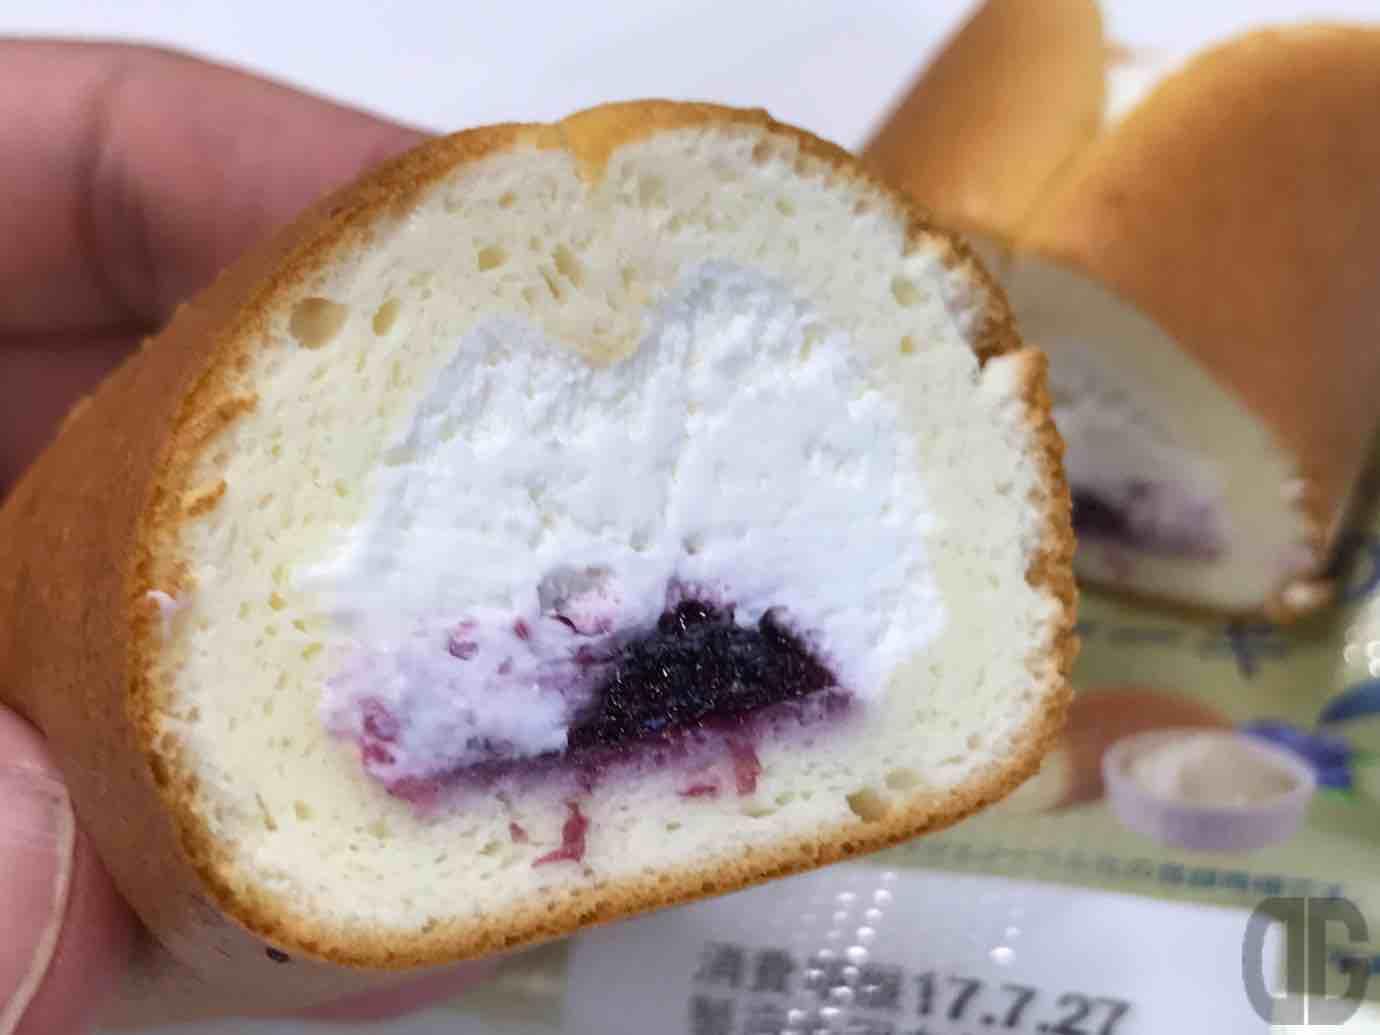 ヤマザキのチーズ好きのためのチーズケーキ新作、ブルーベリーレアチーズをゲット♪もちろんkiriクリームチーズを使っていますよ